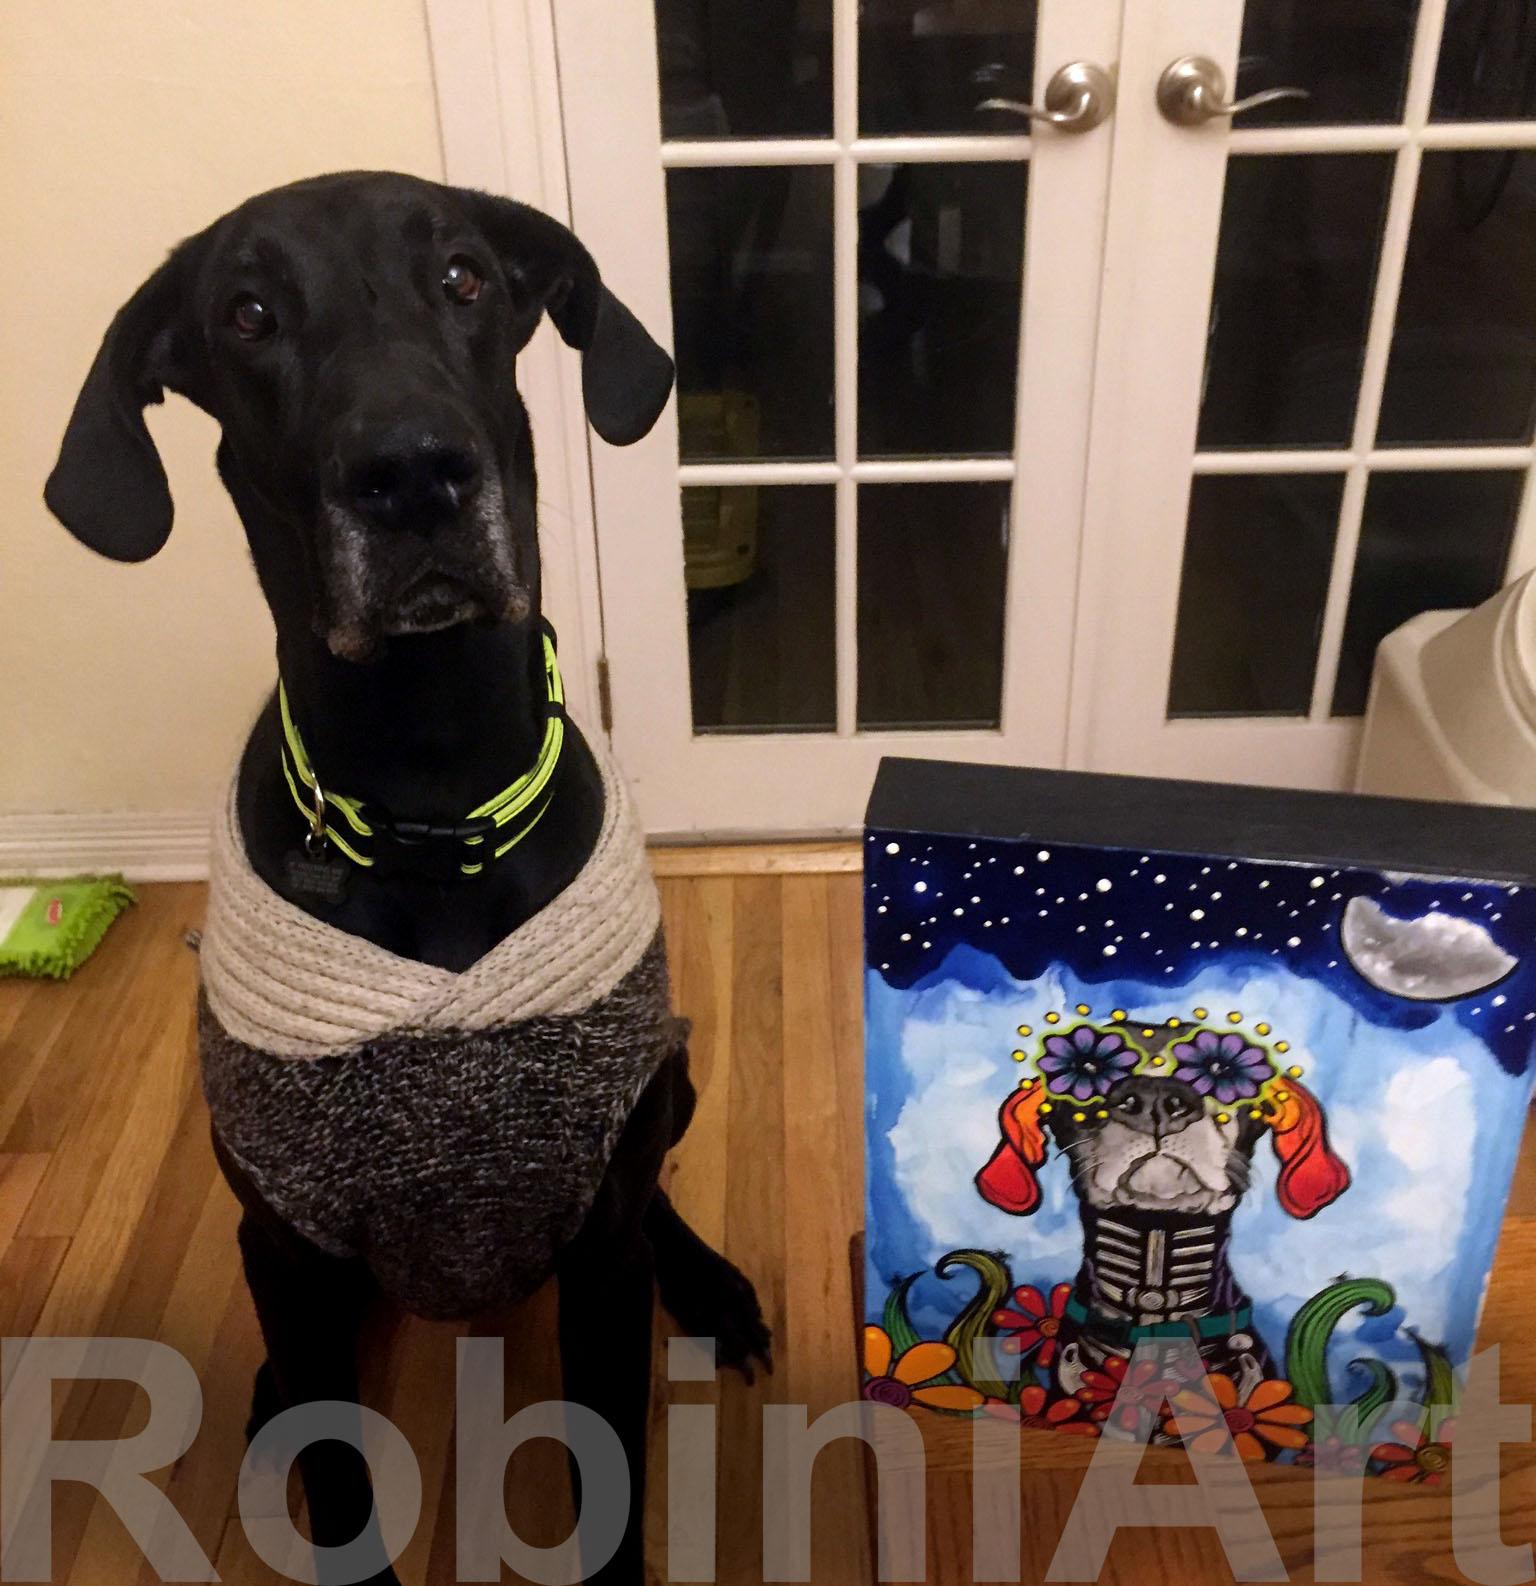 Great Dane with custom RobiniArt Portrait. ©RobiniArt 2016